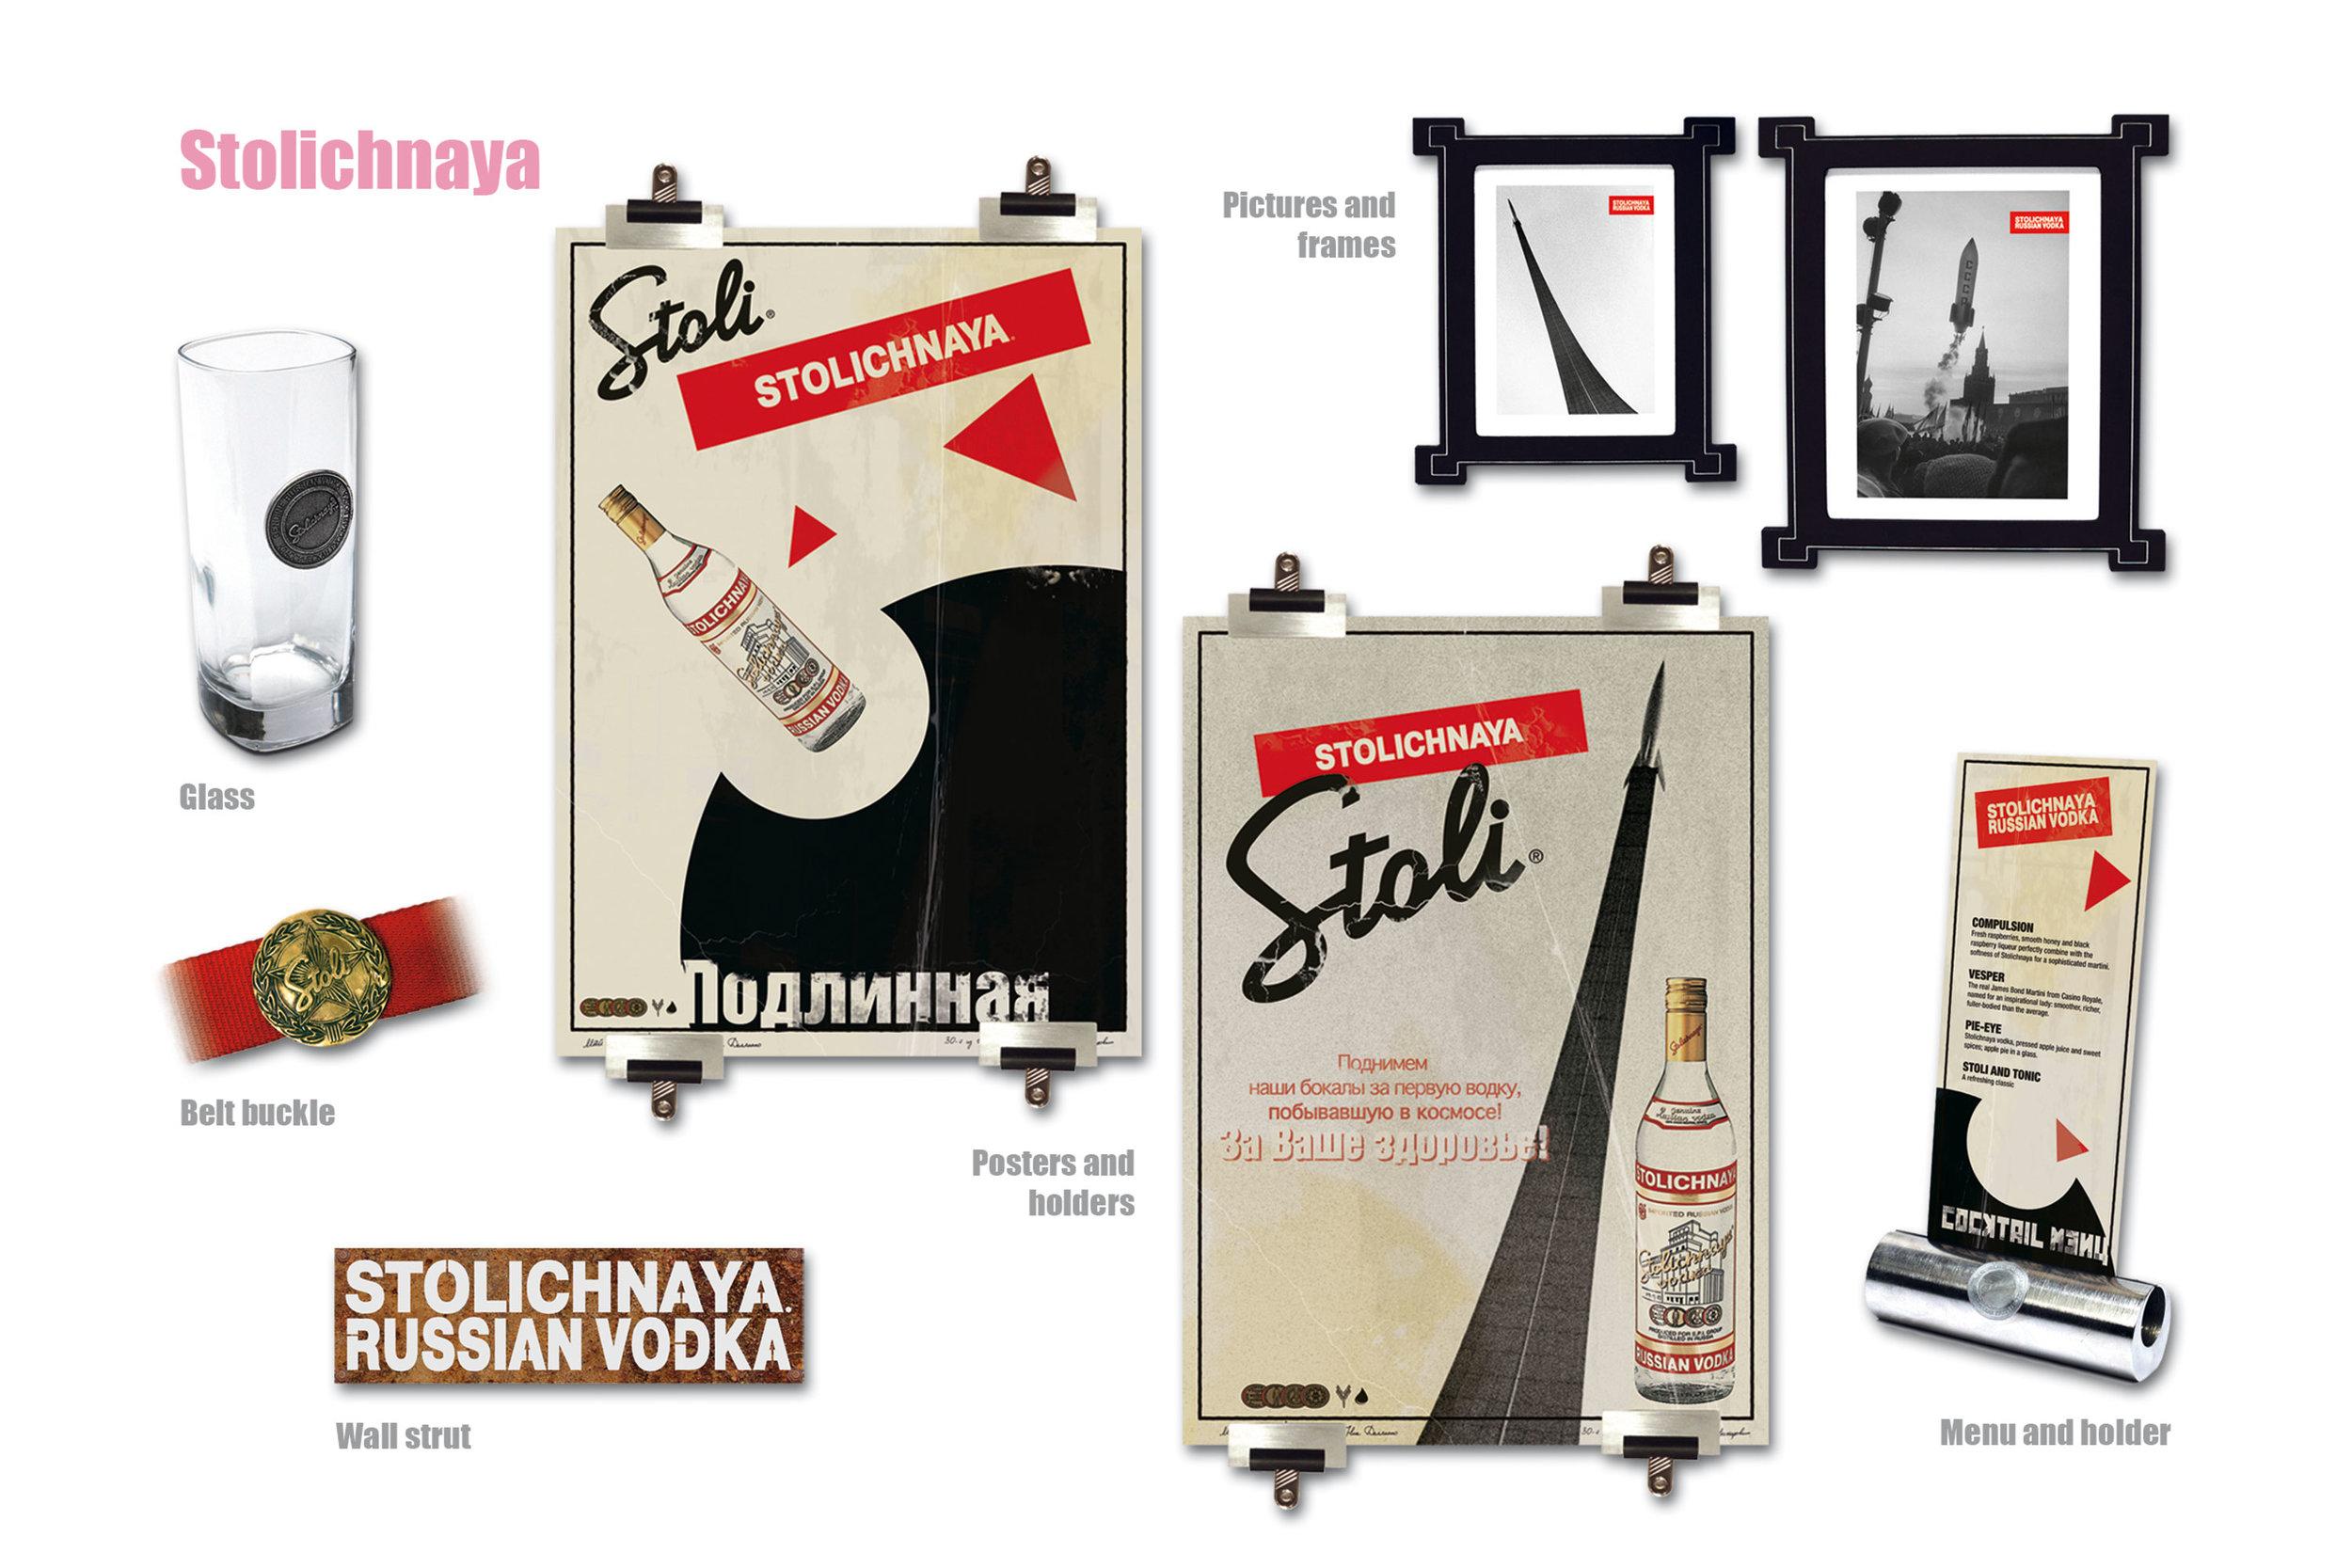 Stolichnaya-point-of-sale-3000x2000-nick-dellanno-2018.jpg